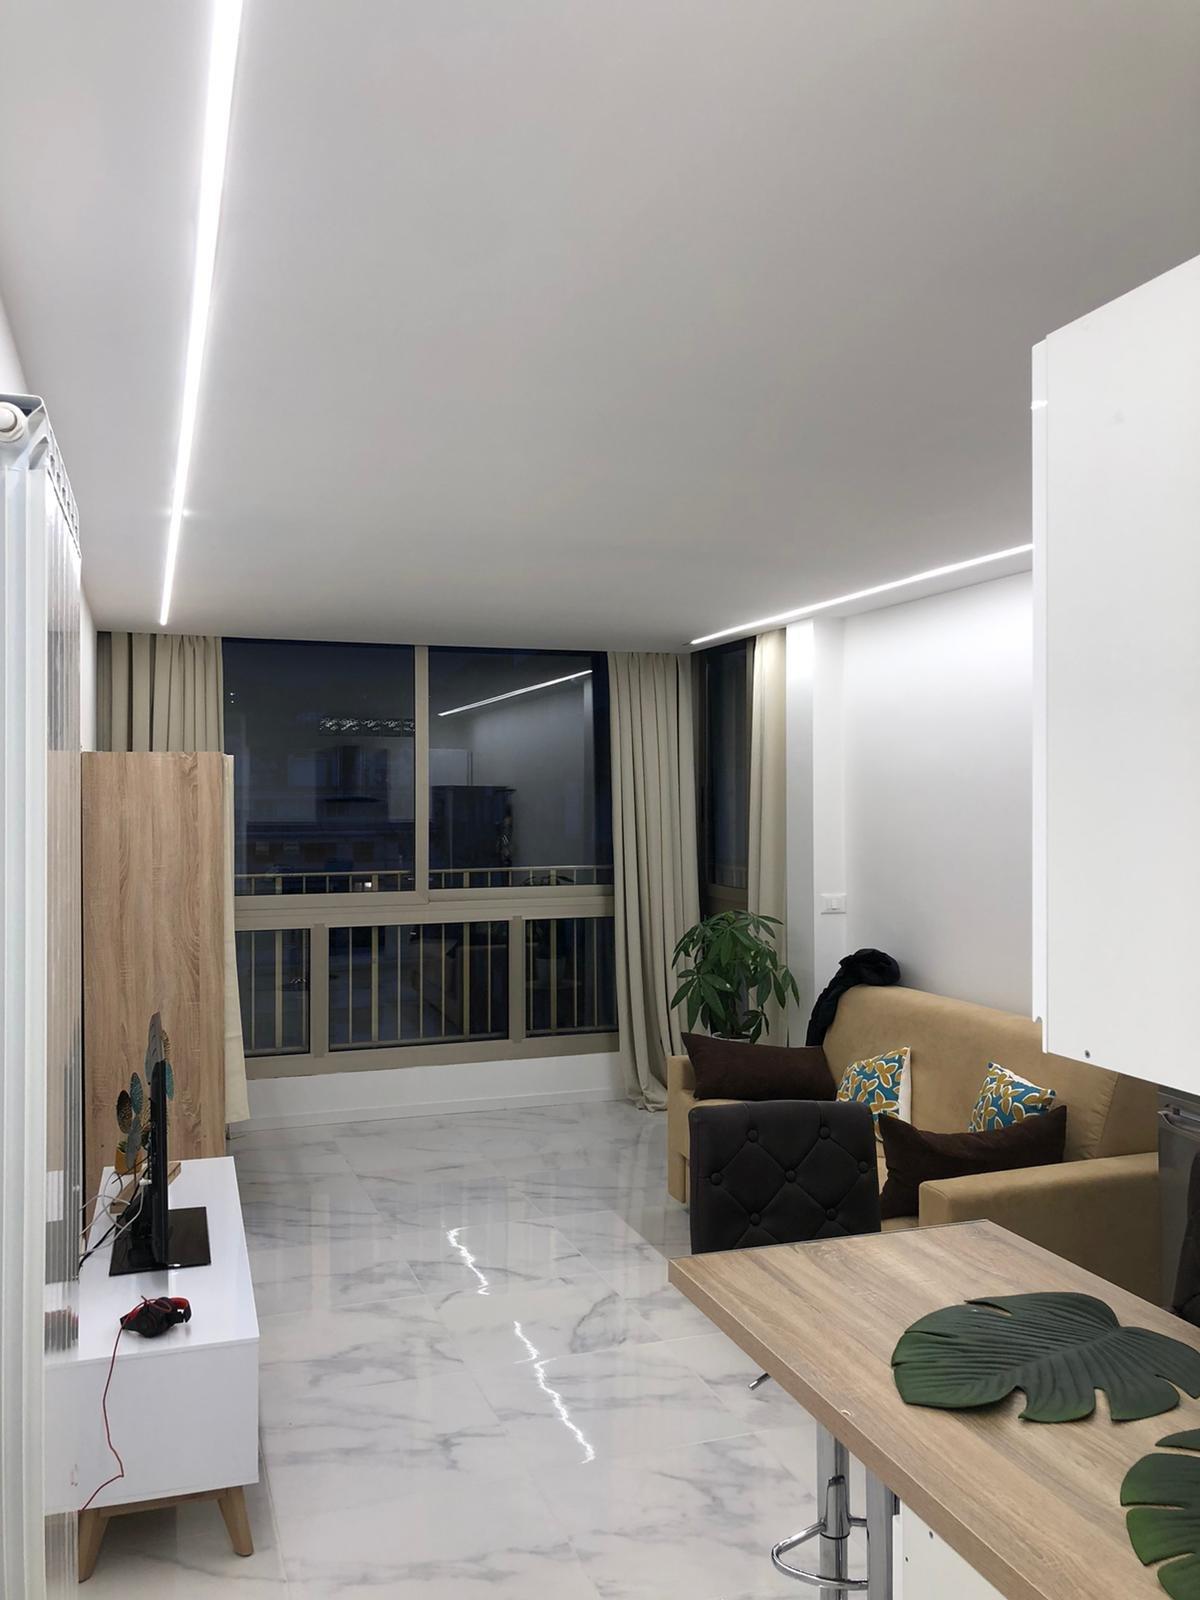 Studio centre Roquebrune-Cap-Martin